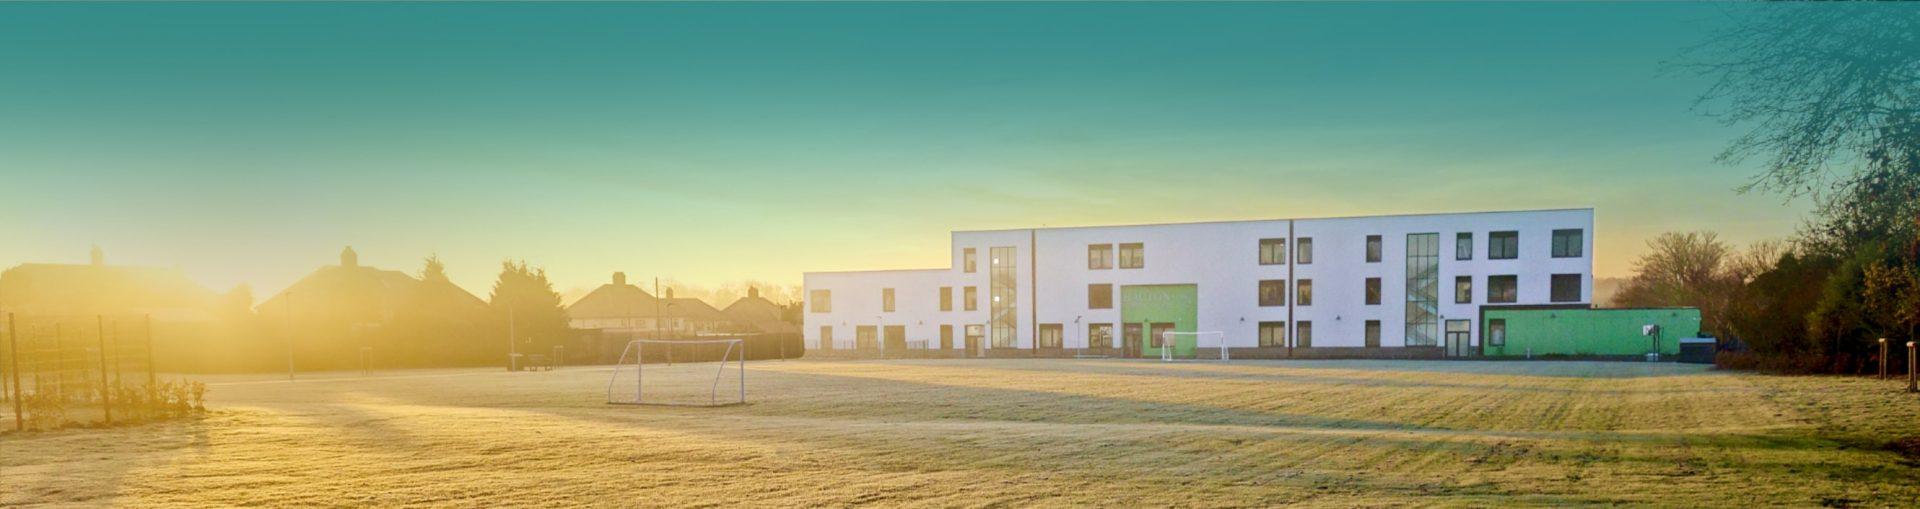 Hacton Primary School